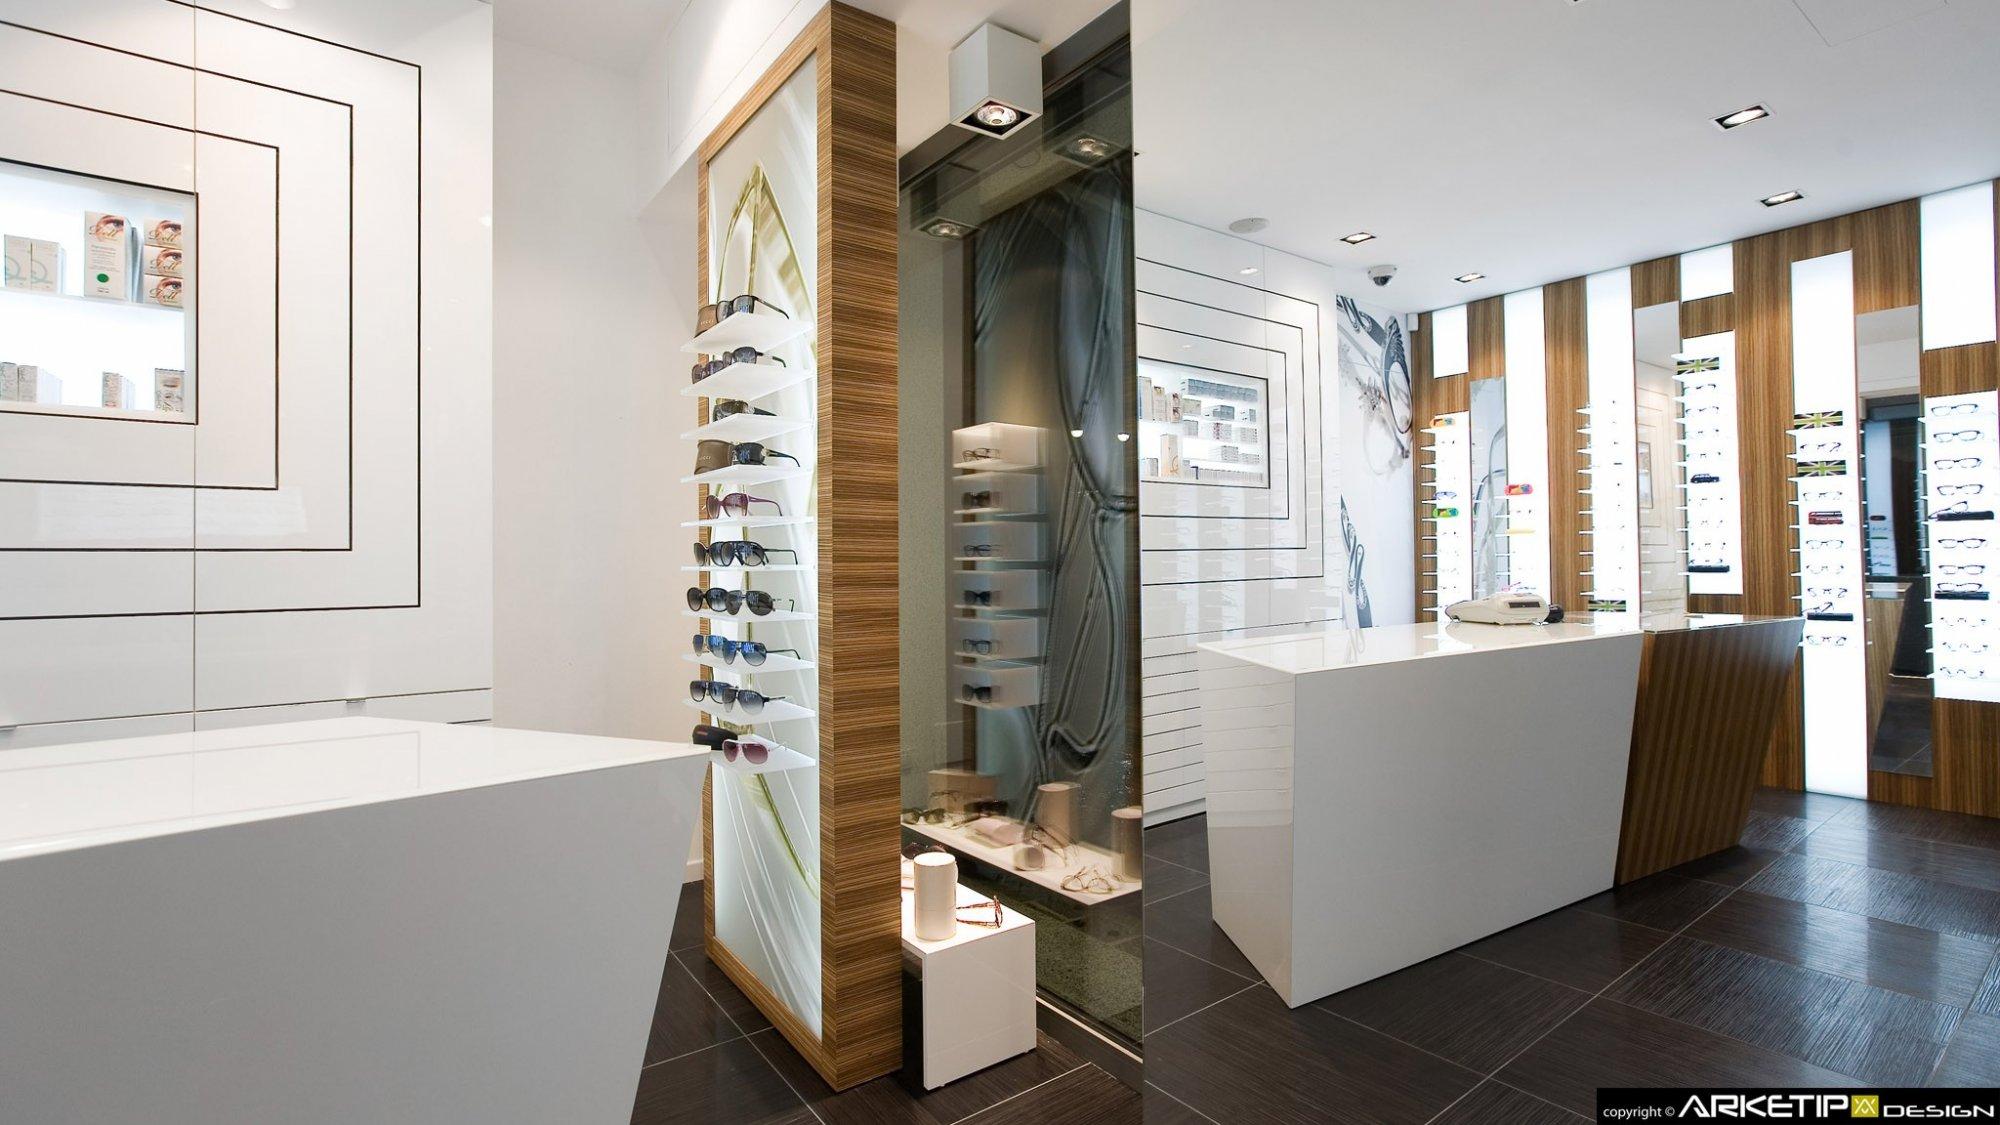 Arredamento ottica dell 39 osa negozio ottica corsico for Negozi arredamento corsico